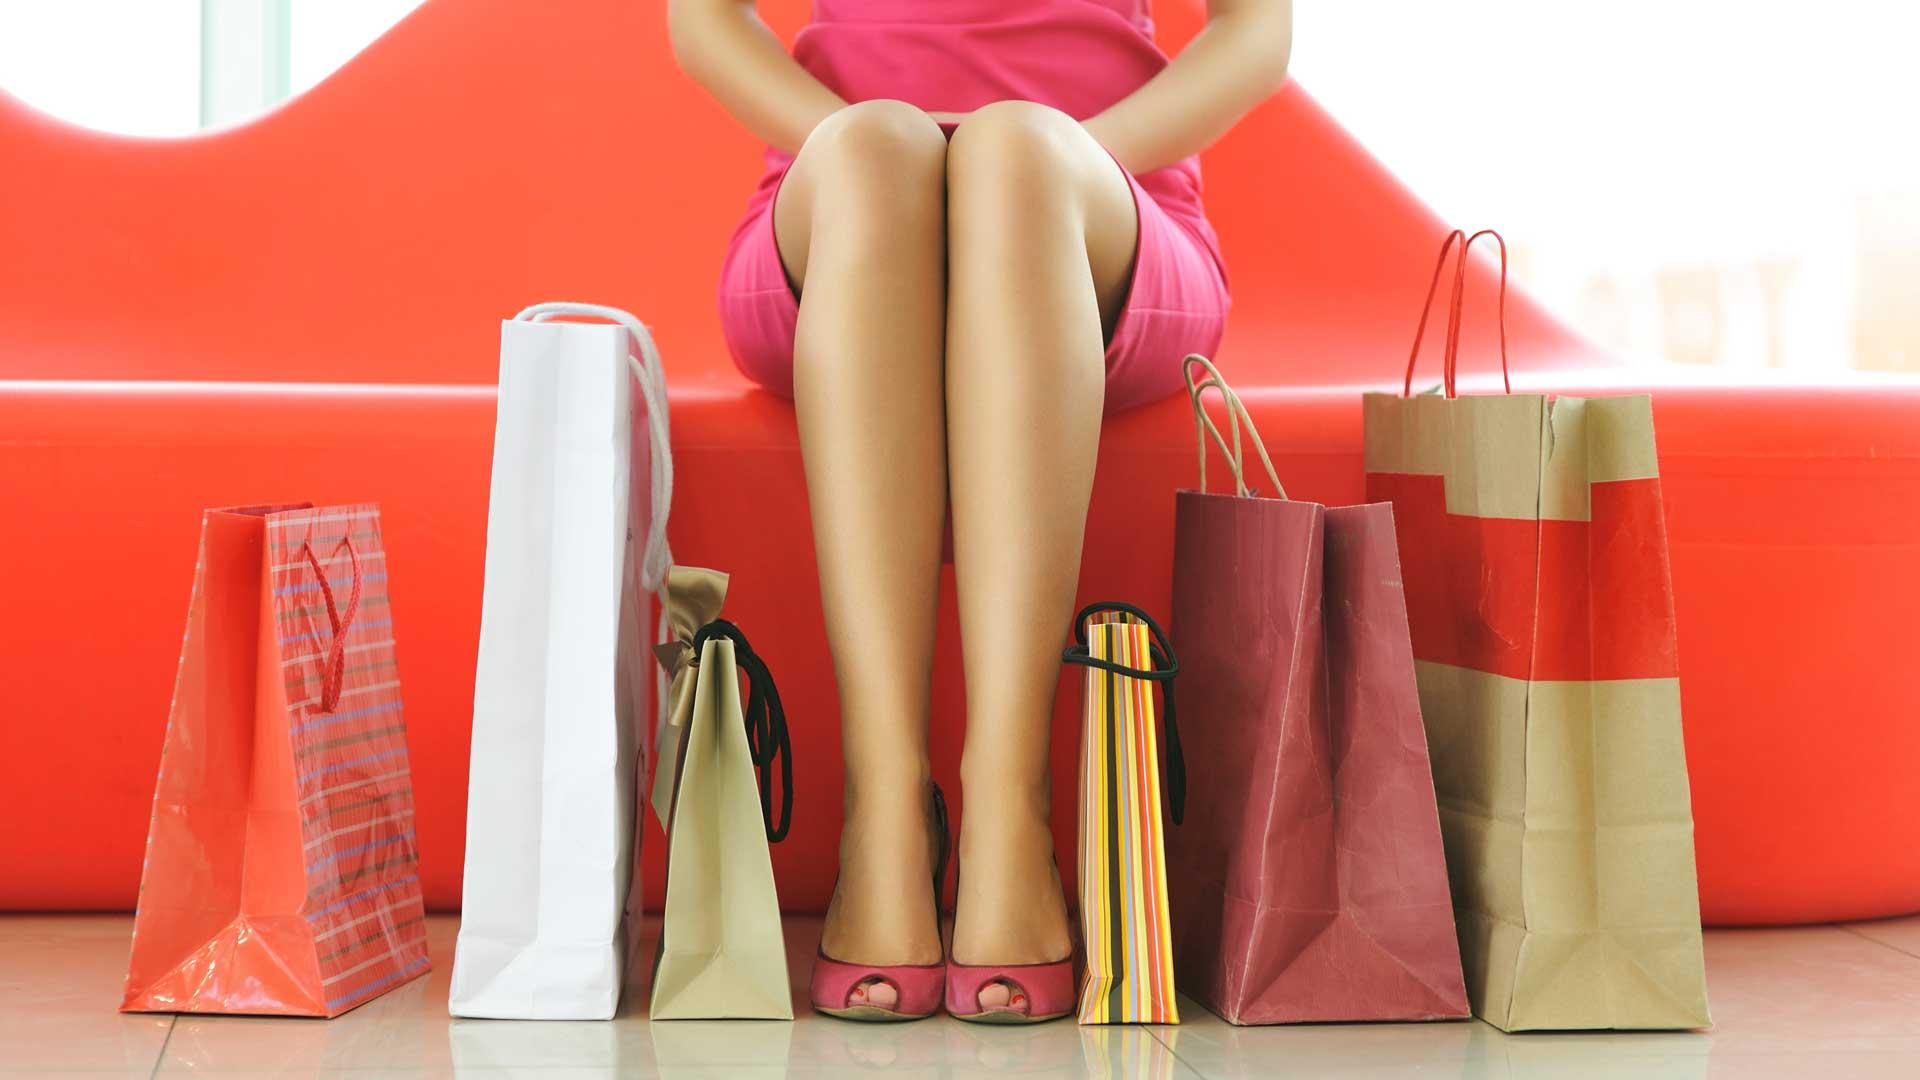 Kupovina na rasprodajama - low cost kao novi lifestyle